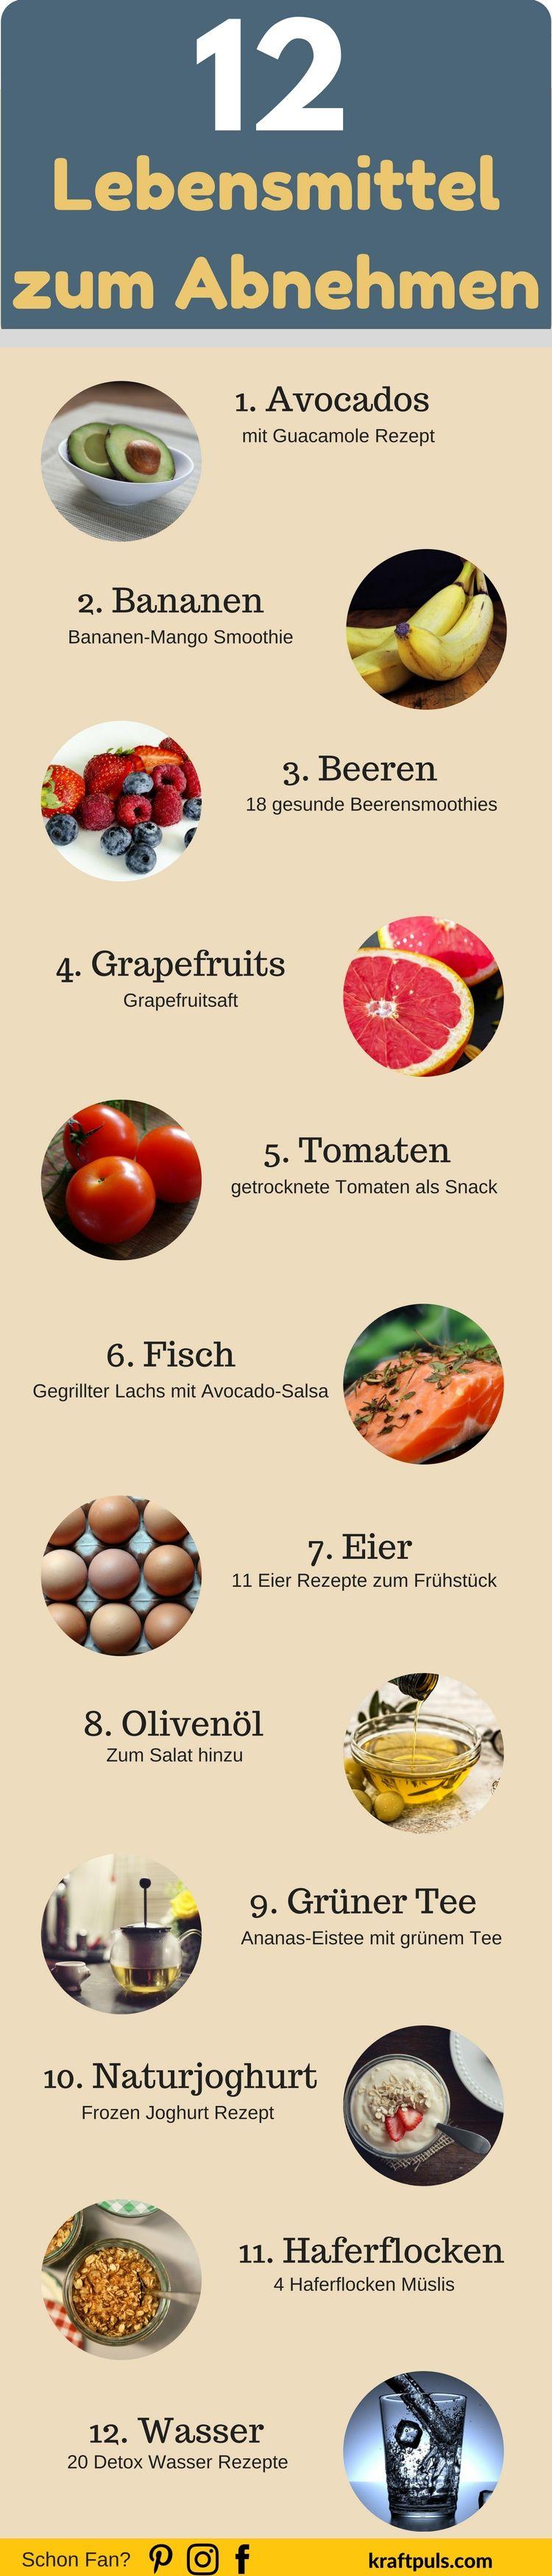 Liste der Mahlzeiten zum Abnehmen